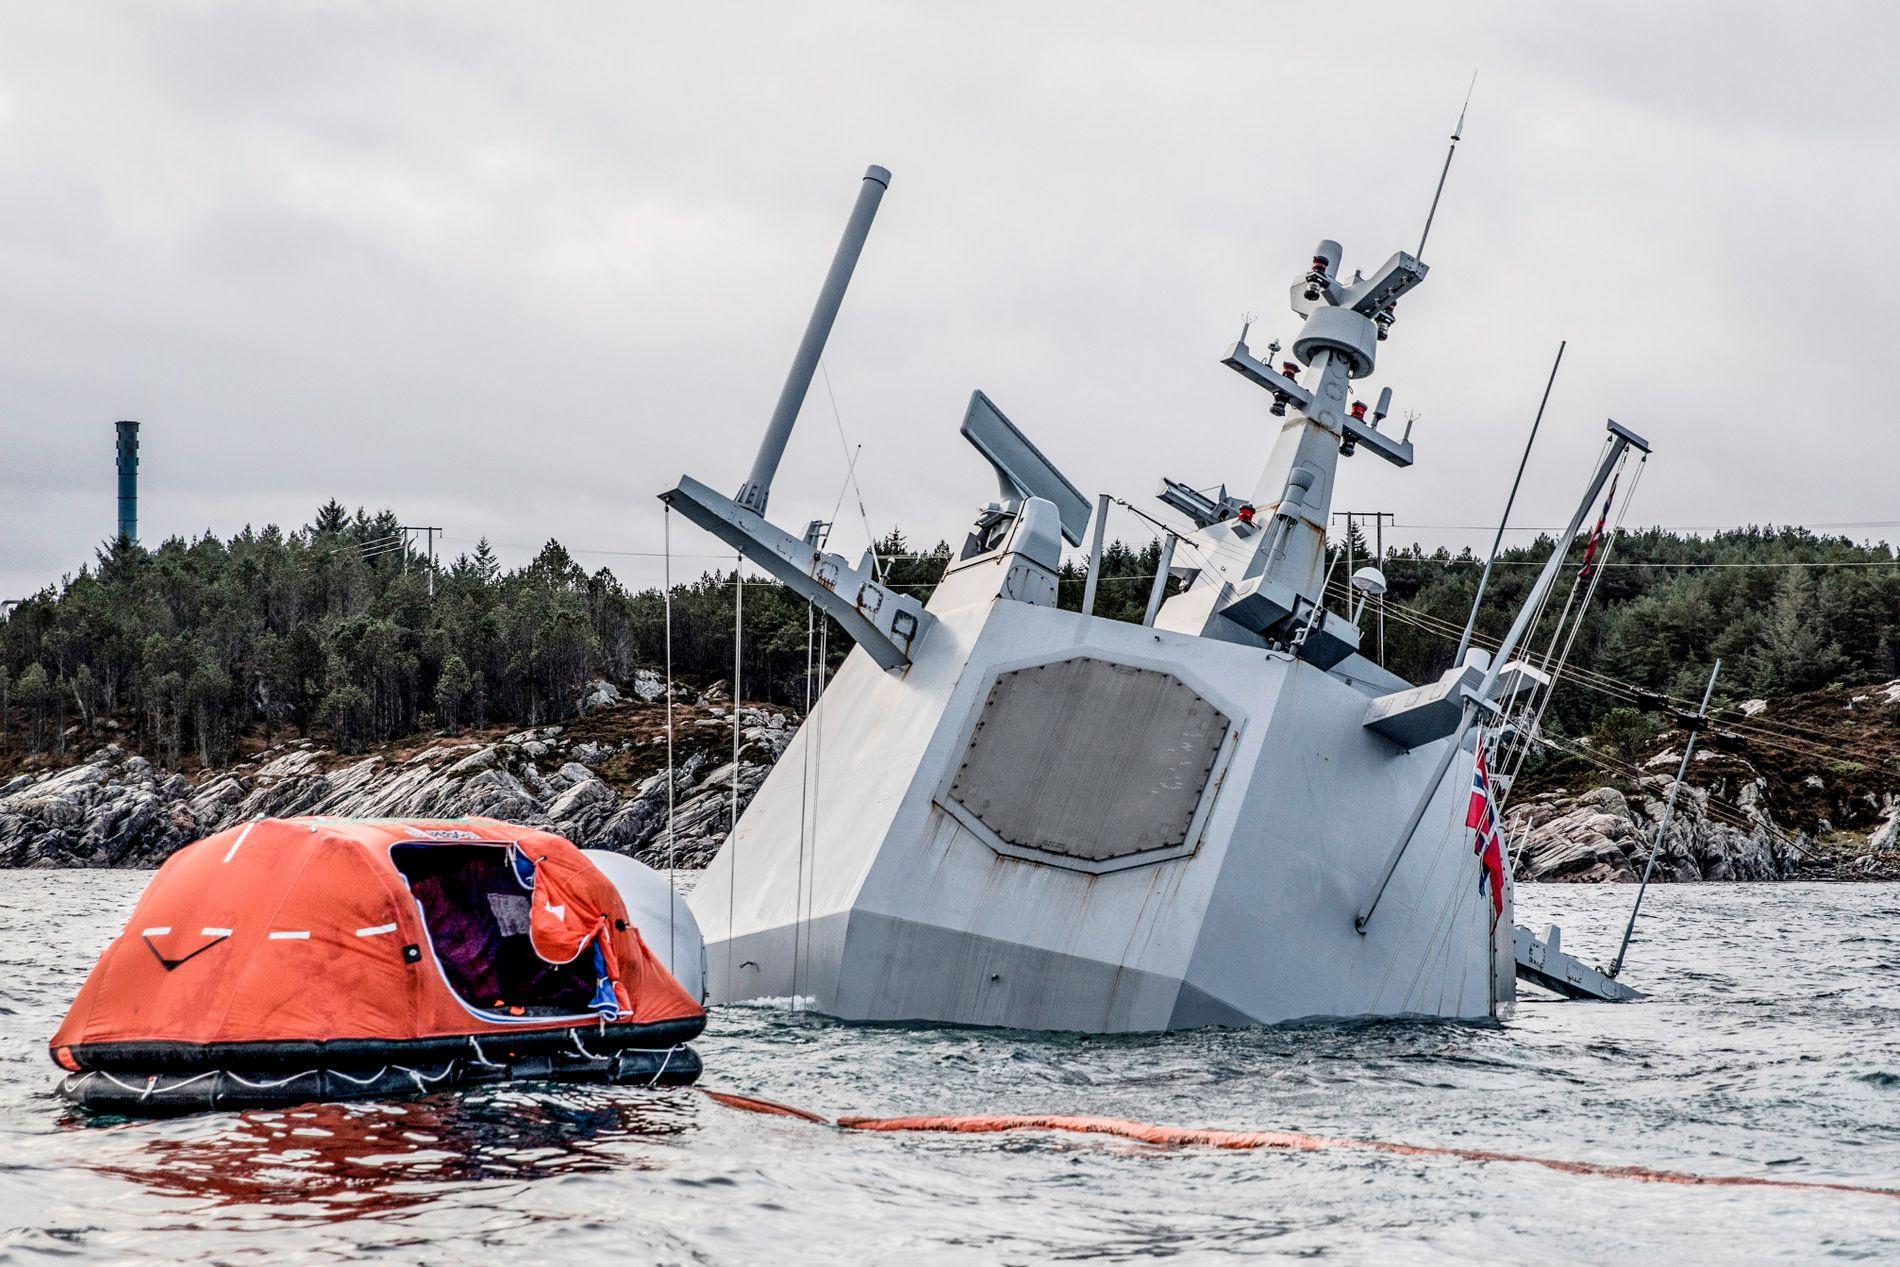 ALT ER UNDER: Så godt som hele KNM Helge Ingstad lå under vann fra tirsdag morgen, etter at flere av festevaierne røk.